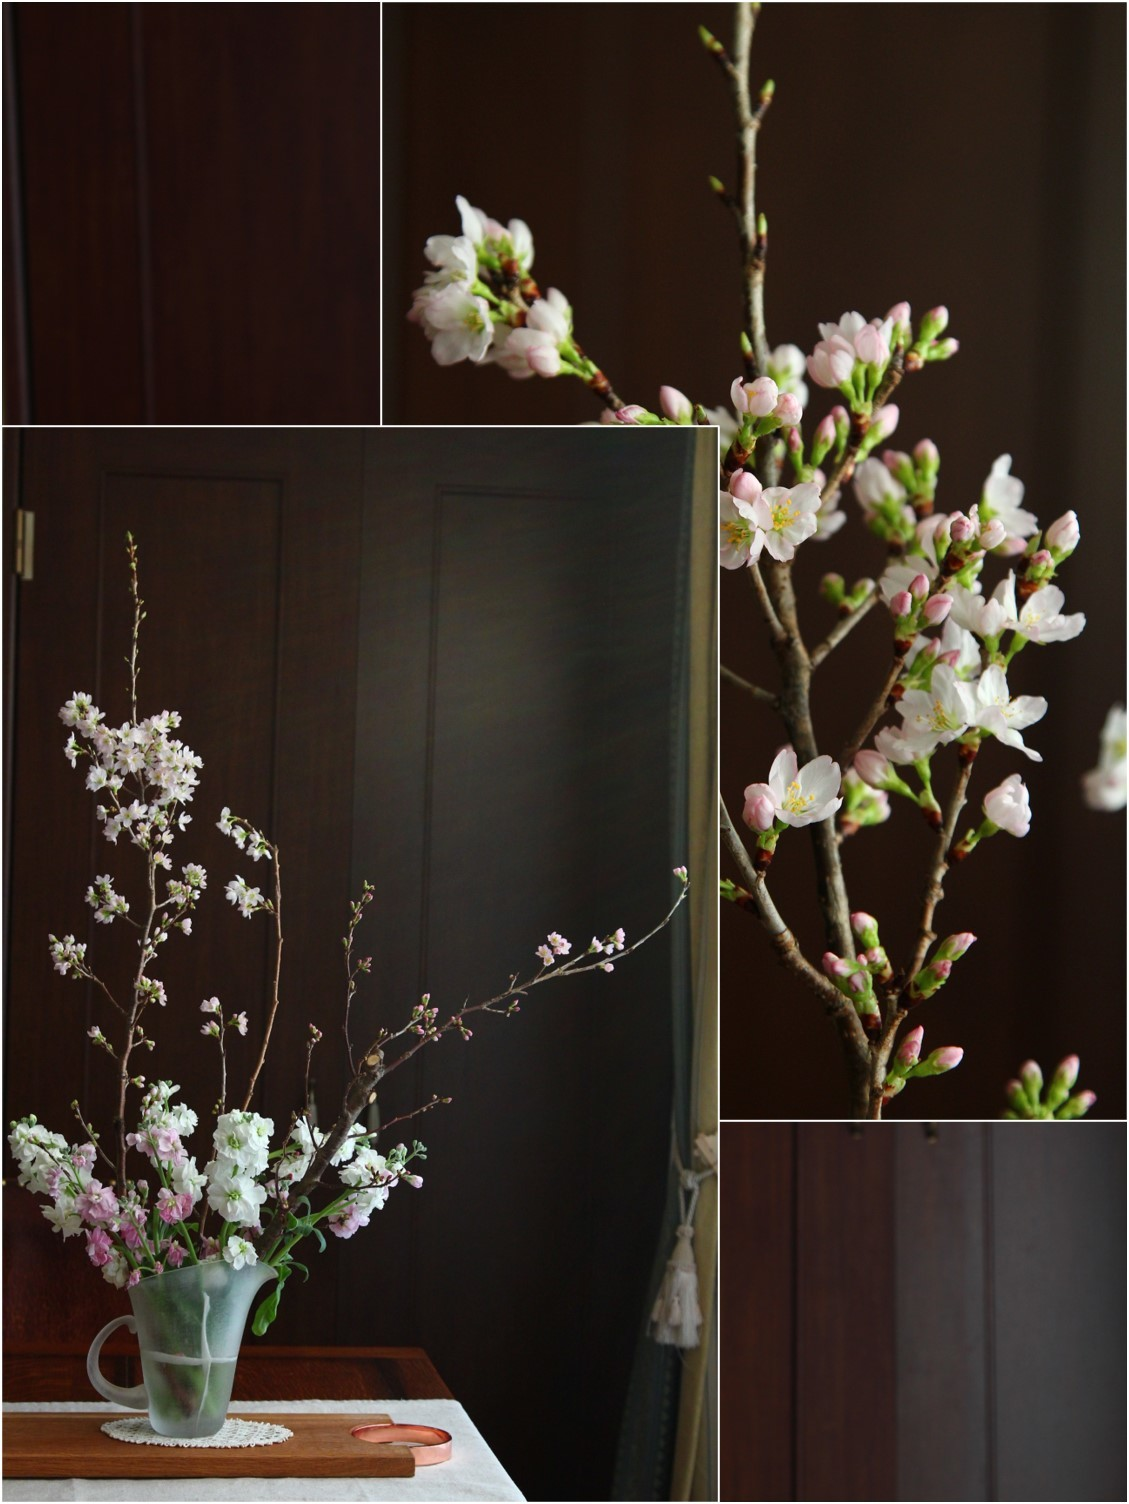 お鍋から春がでた_a0107981_09210707.jpg